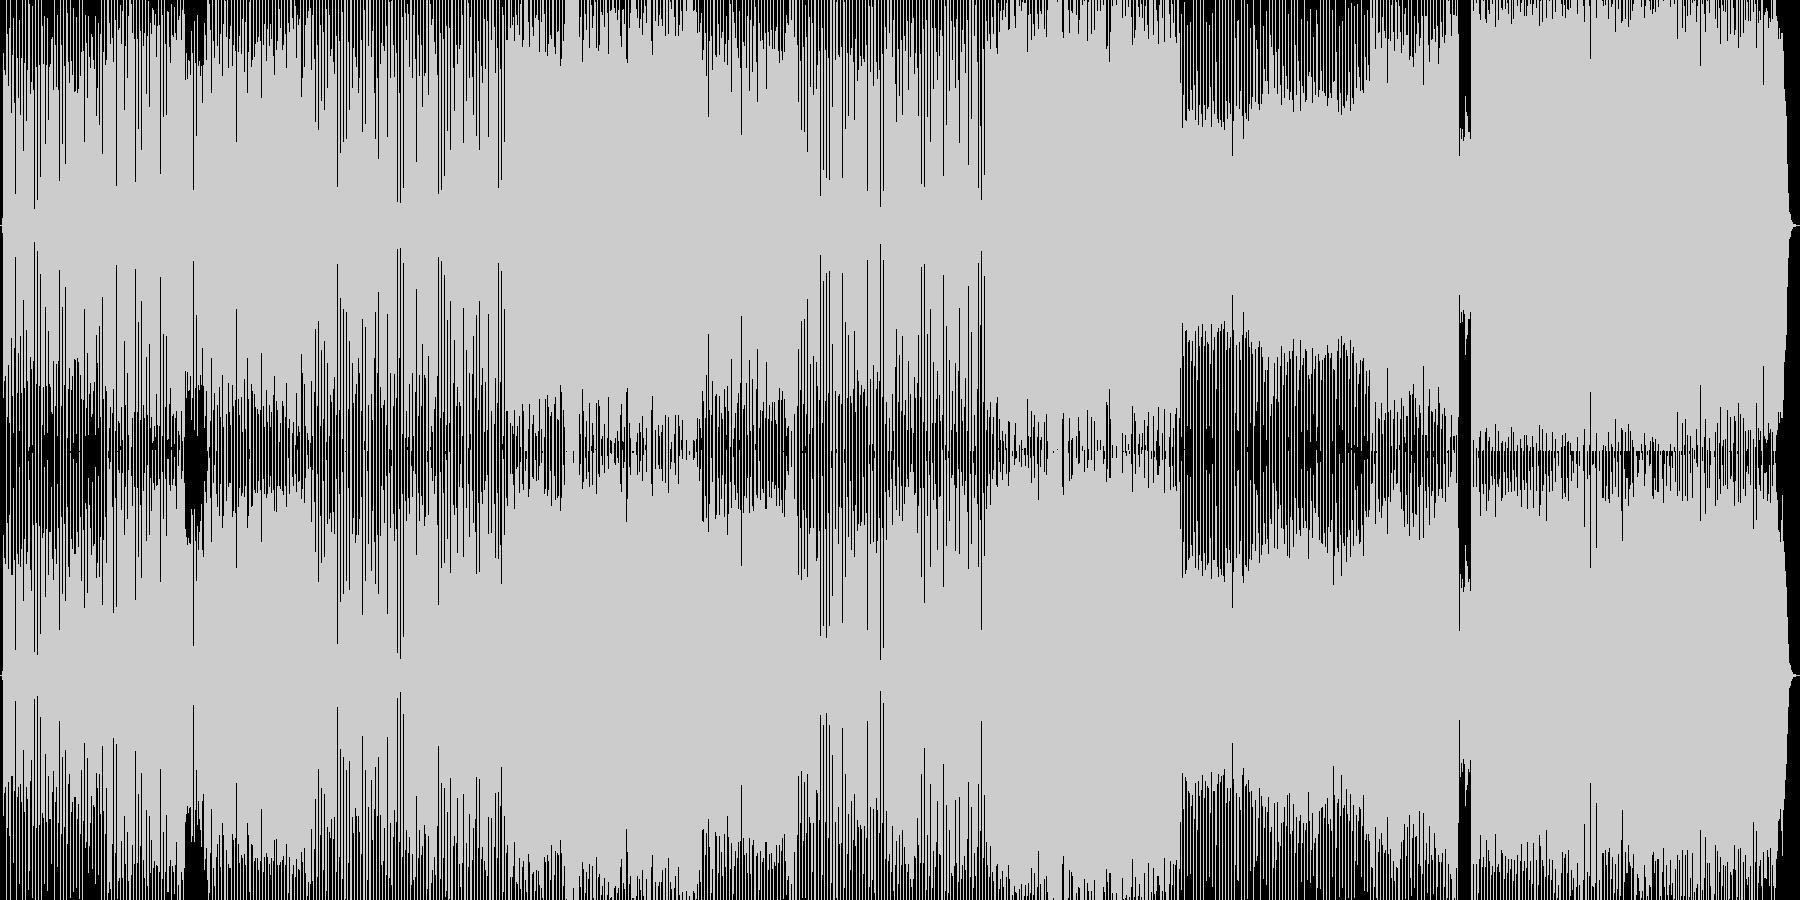 UKテイストのギターロックの未再生の波形